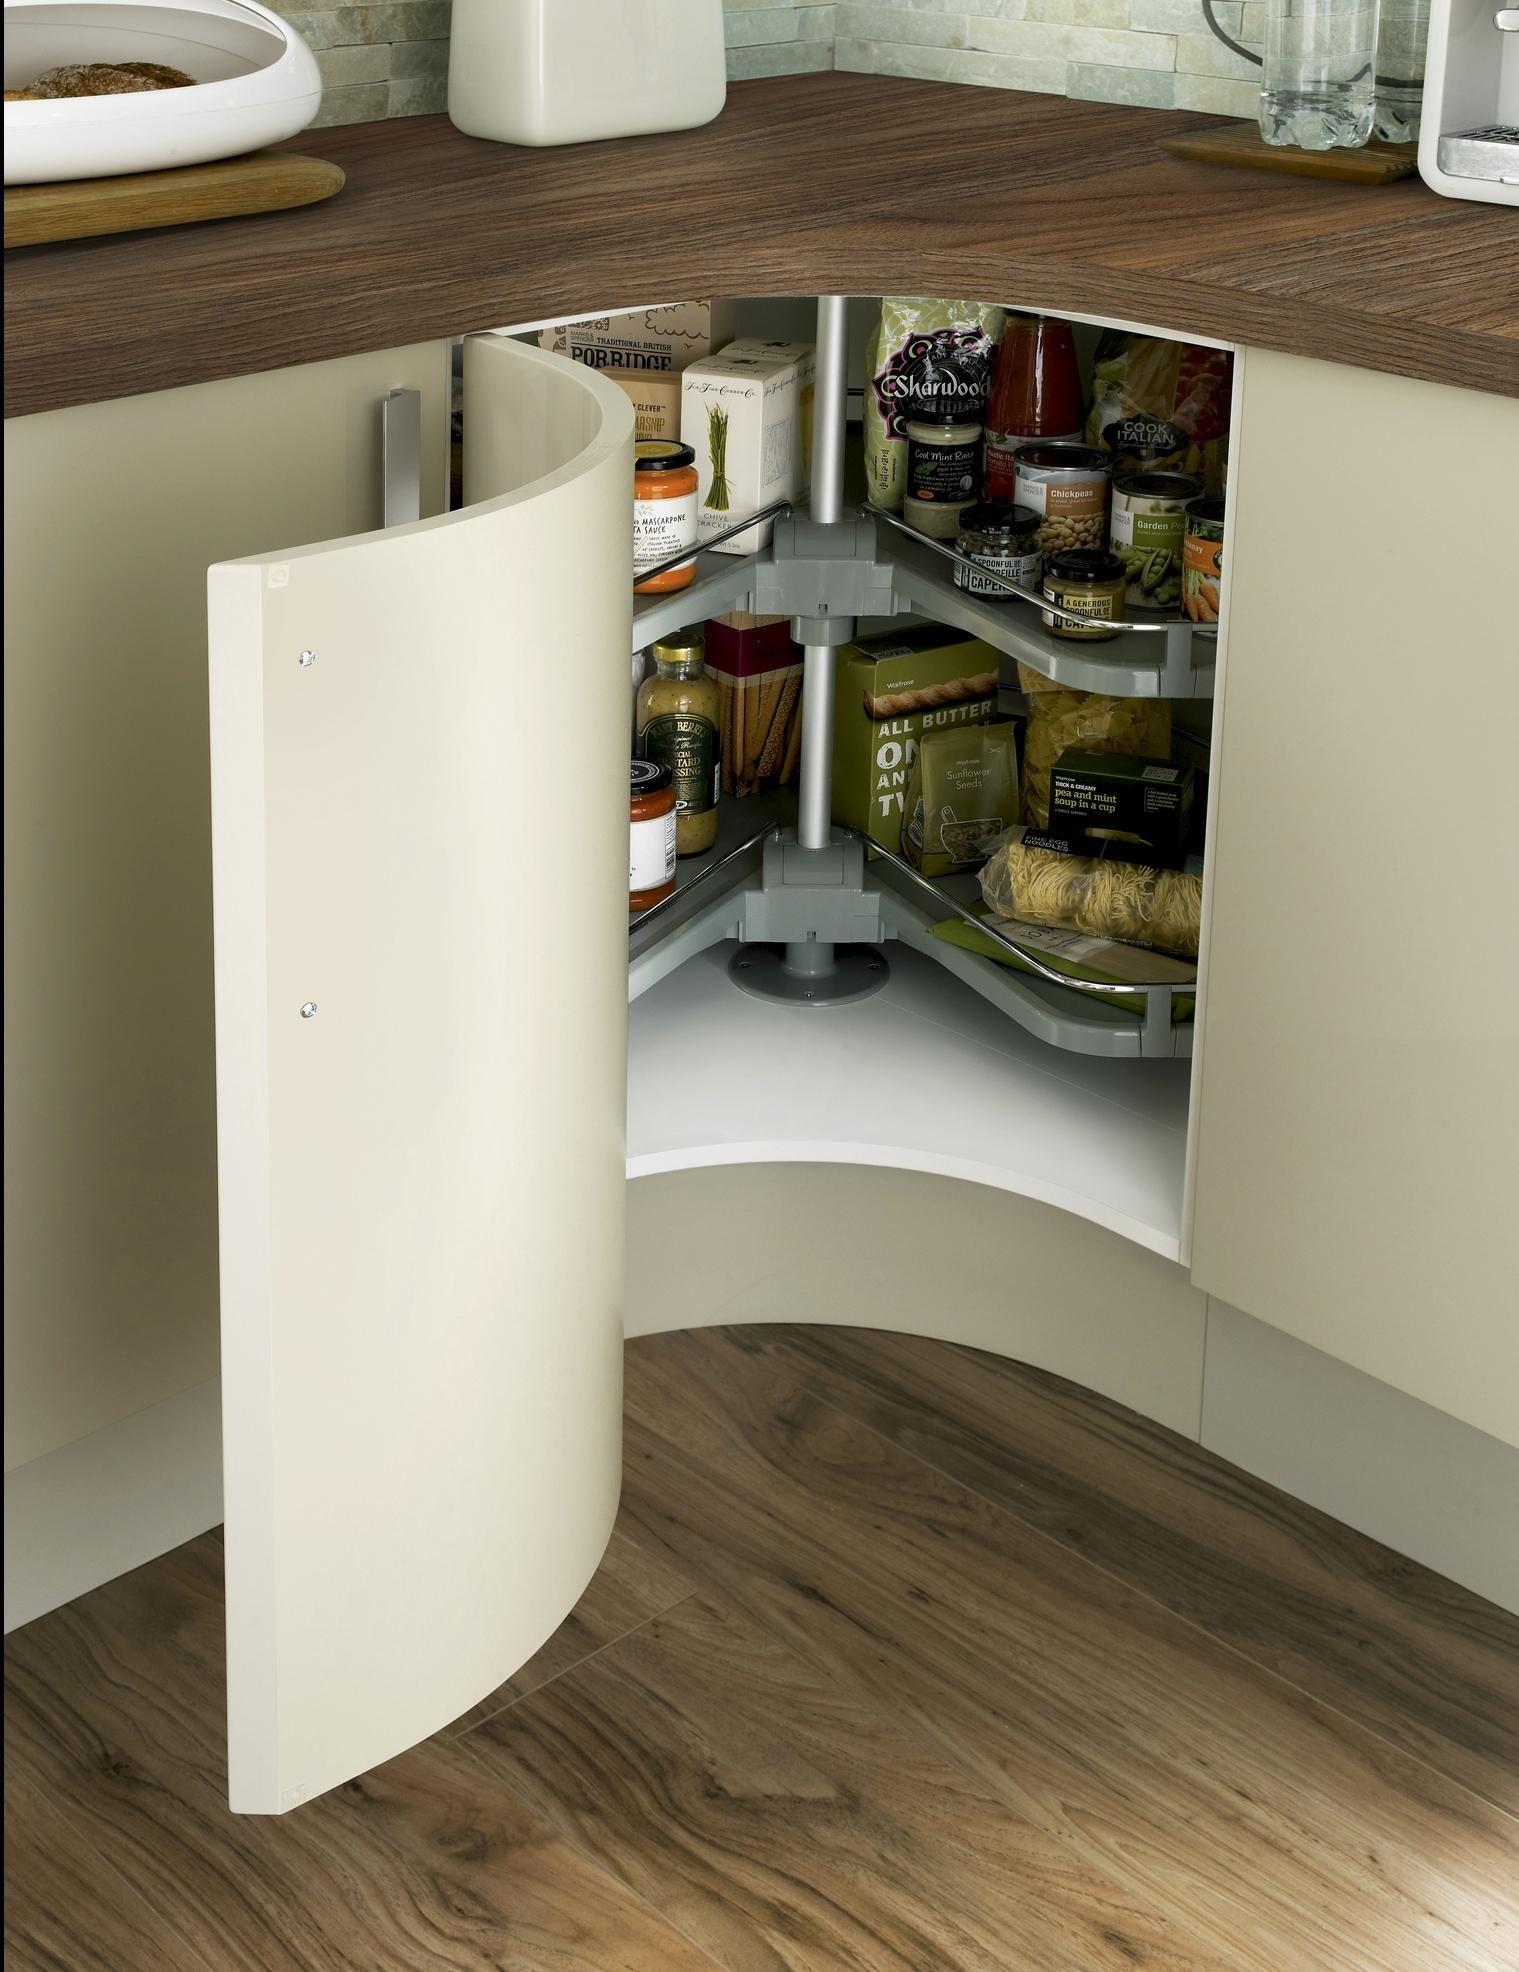 Kitchens in 2020 Kitchen design, Diy kitchen